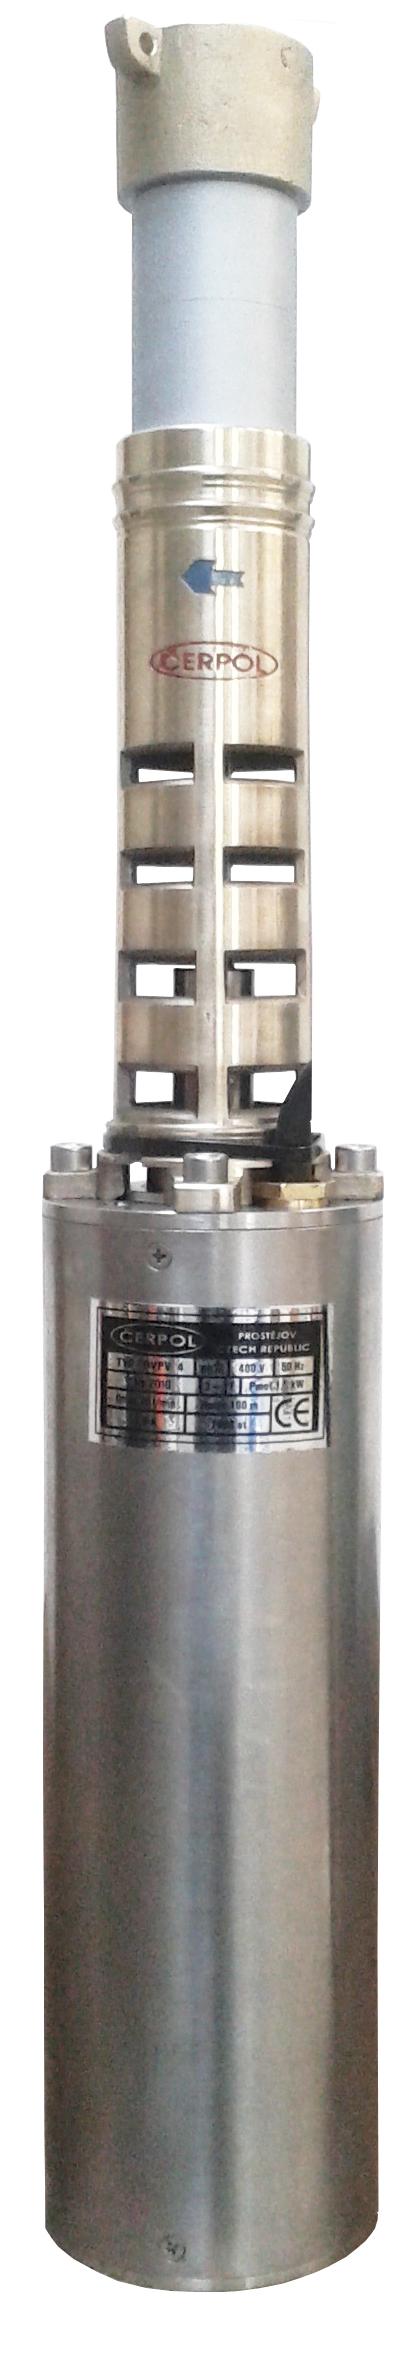 ČERPOL Olczak Čerpol OVP-V4 (400V) vřetenové čerpadlo ø 110mm - 15m kabel